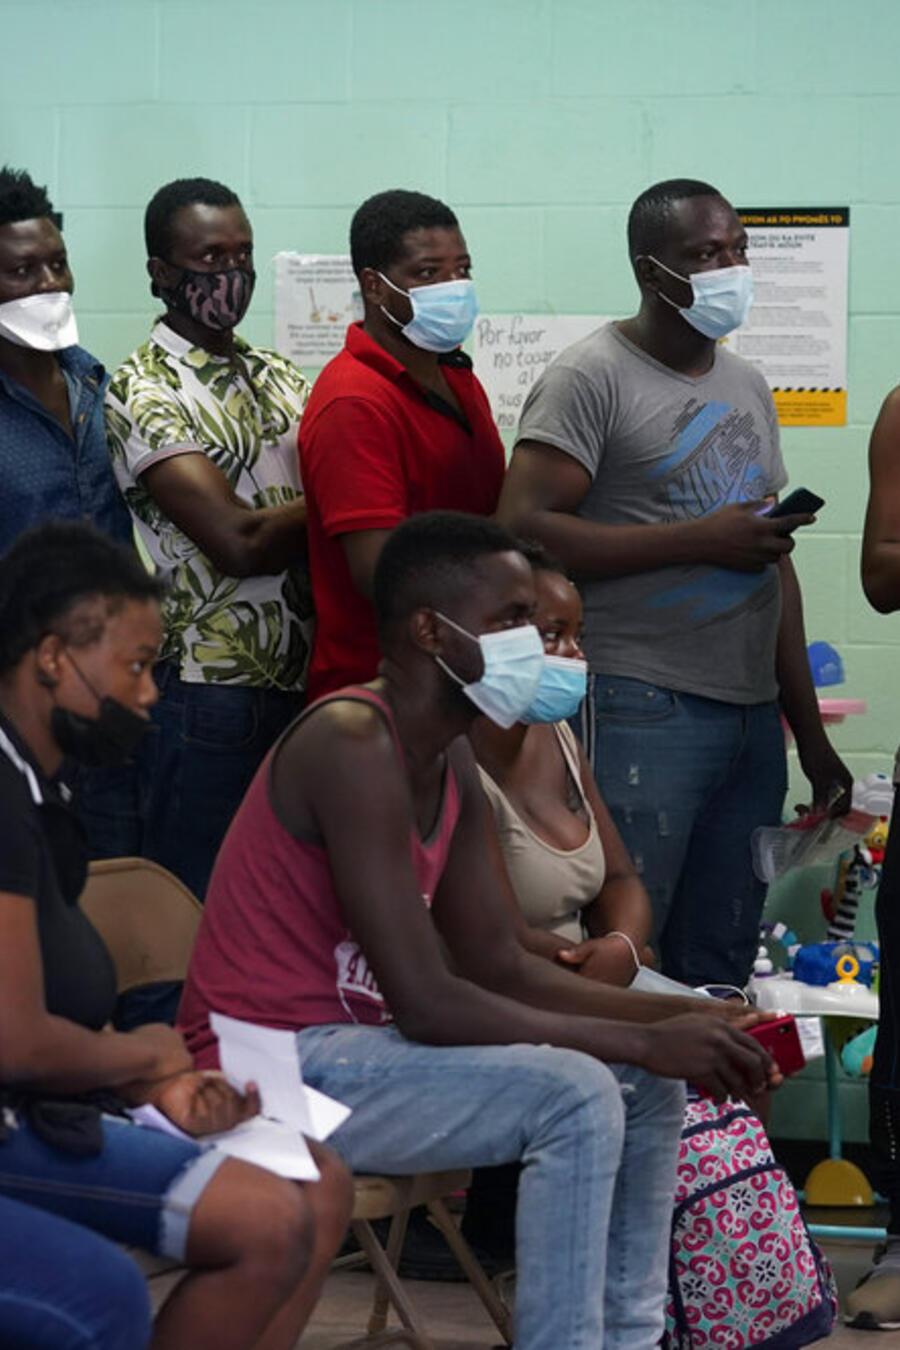 Un grupo de personas migrantes en unas instalaciones oficiales en Del Rio, Texas, el 16 junio de 2021.